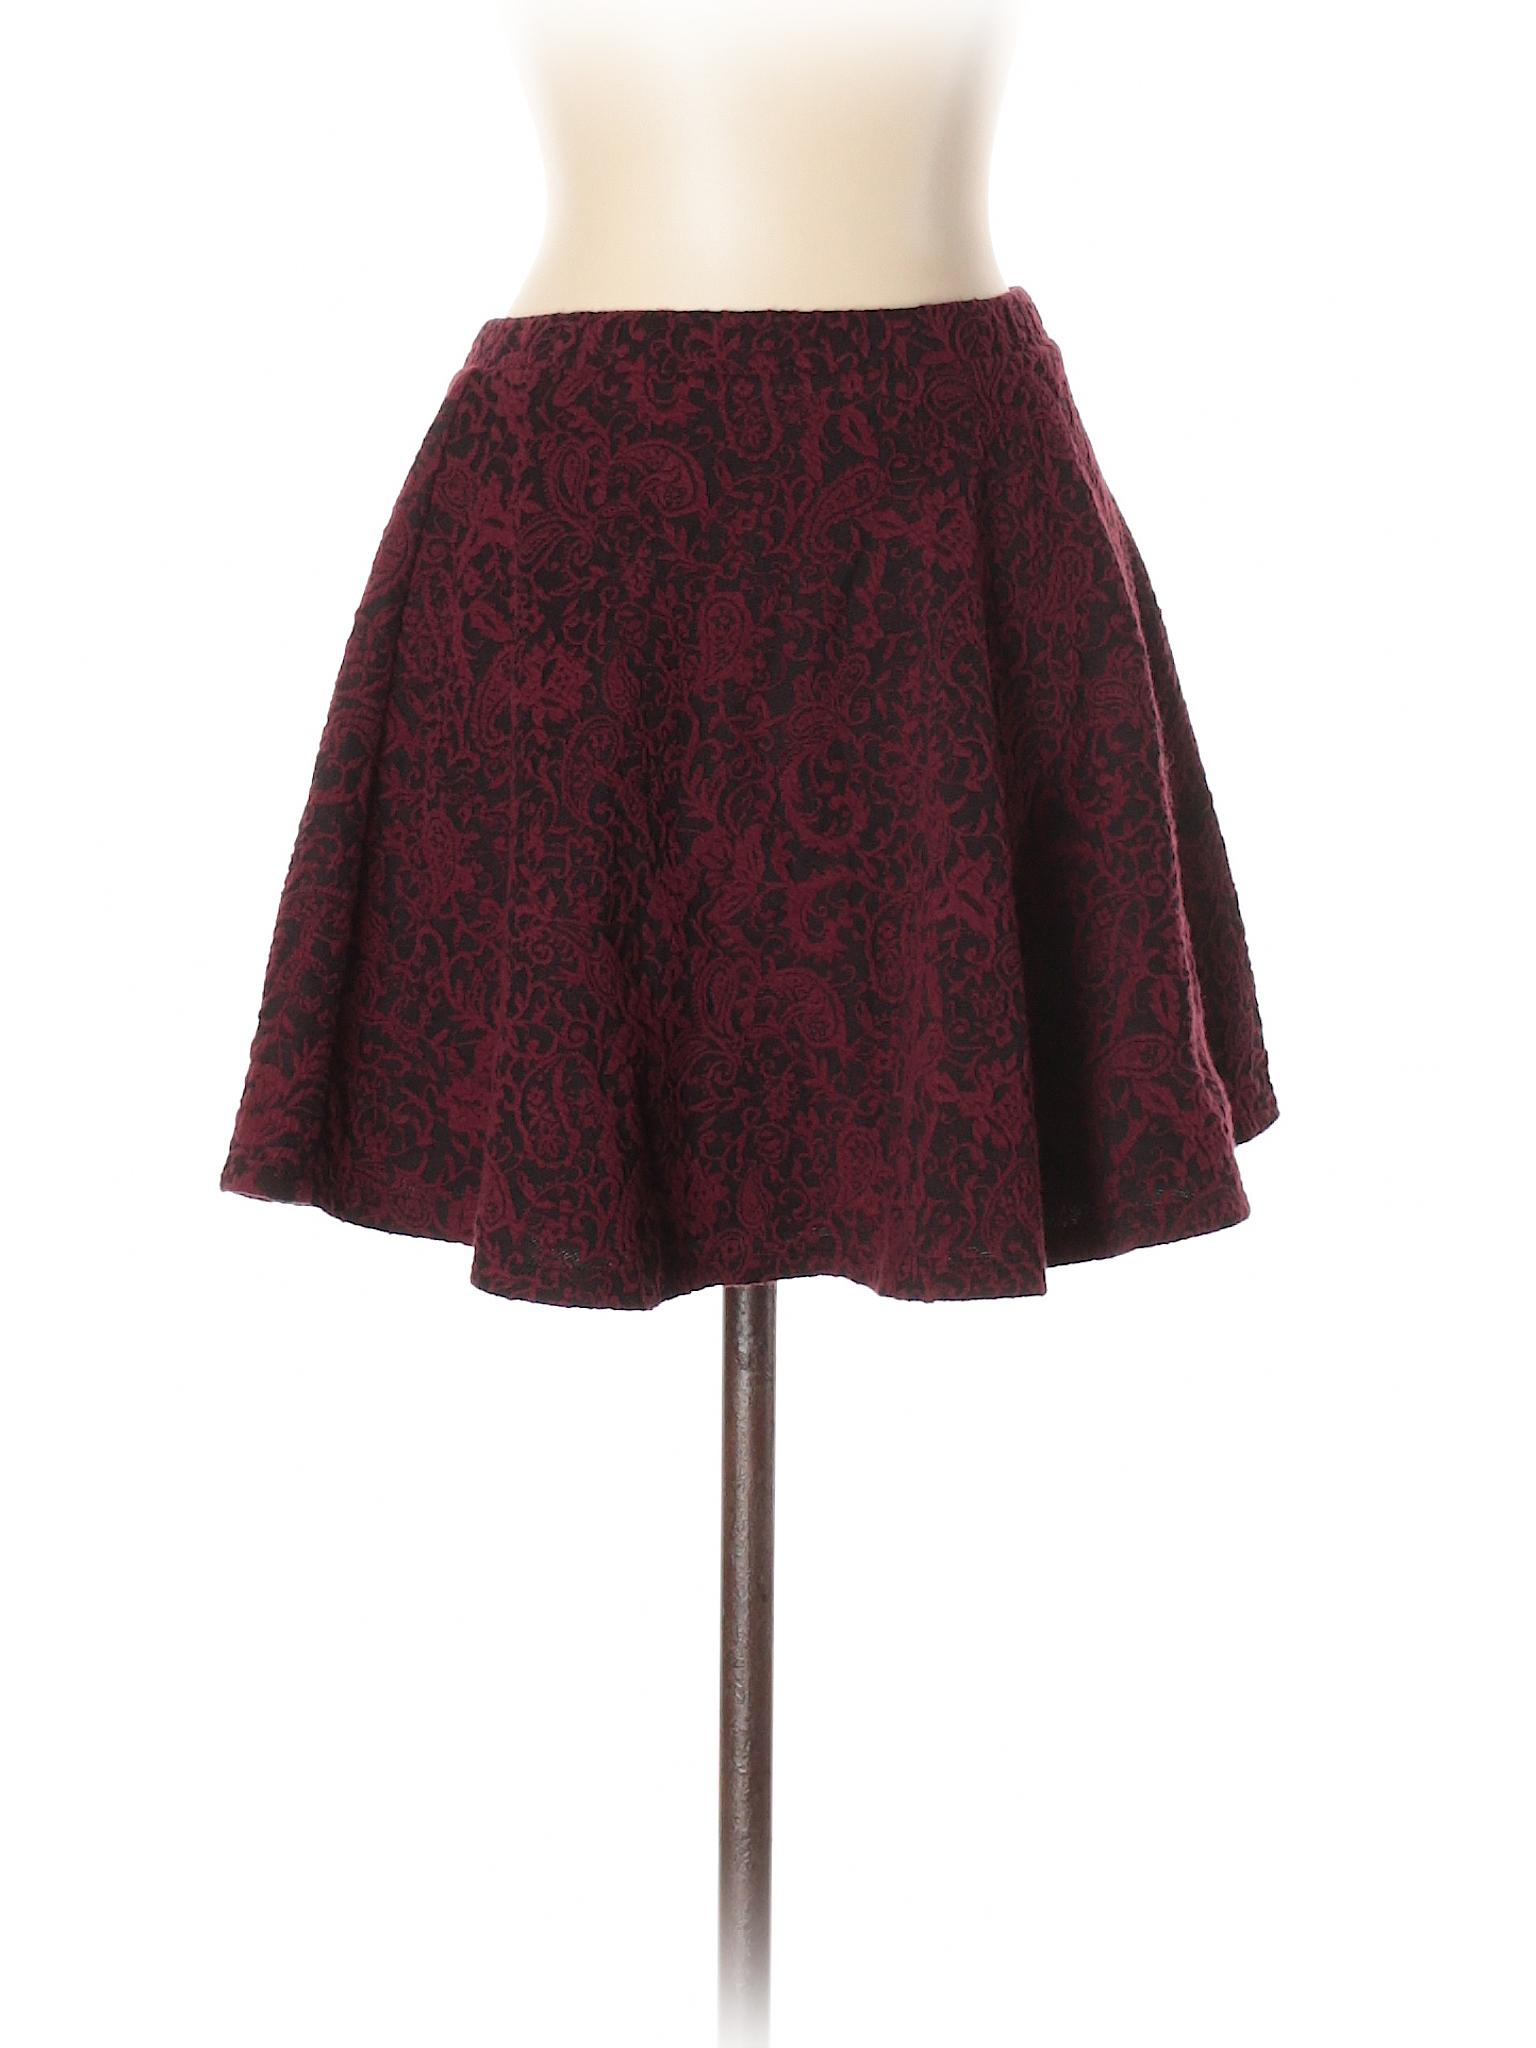 Boutique Boutique Skirt Boutique Casual Skirt Skirt Boutique Casual Skirt Casual Skirt Boutique Casual Casual Skirt Casual Boutique dqPfdwS